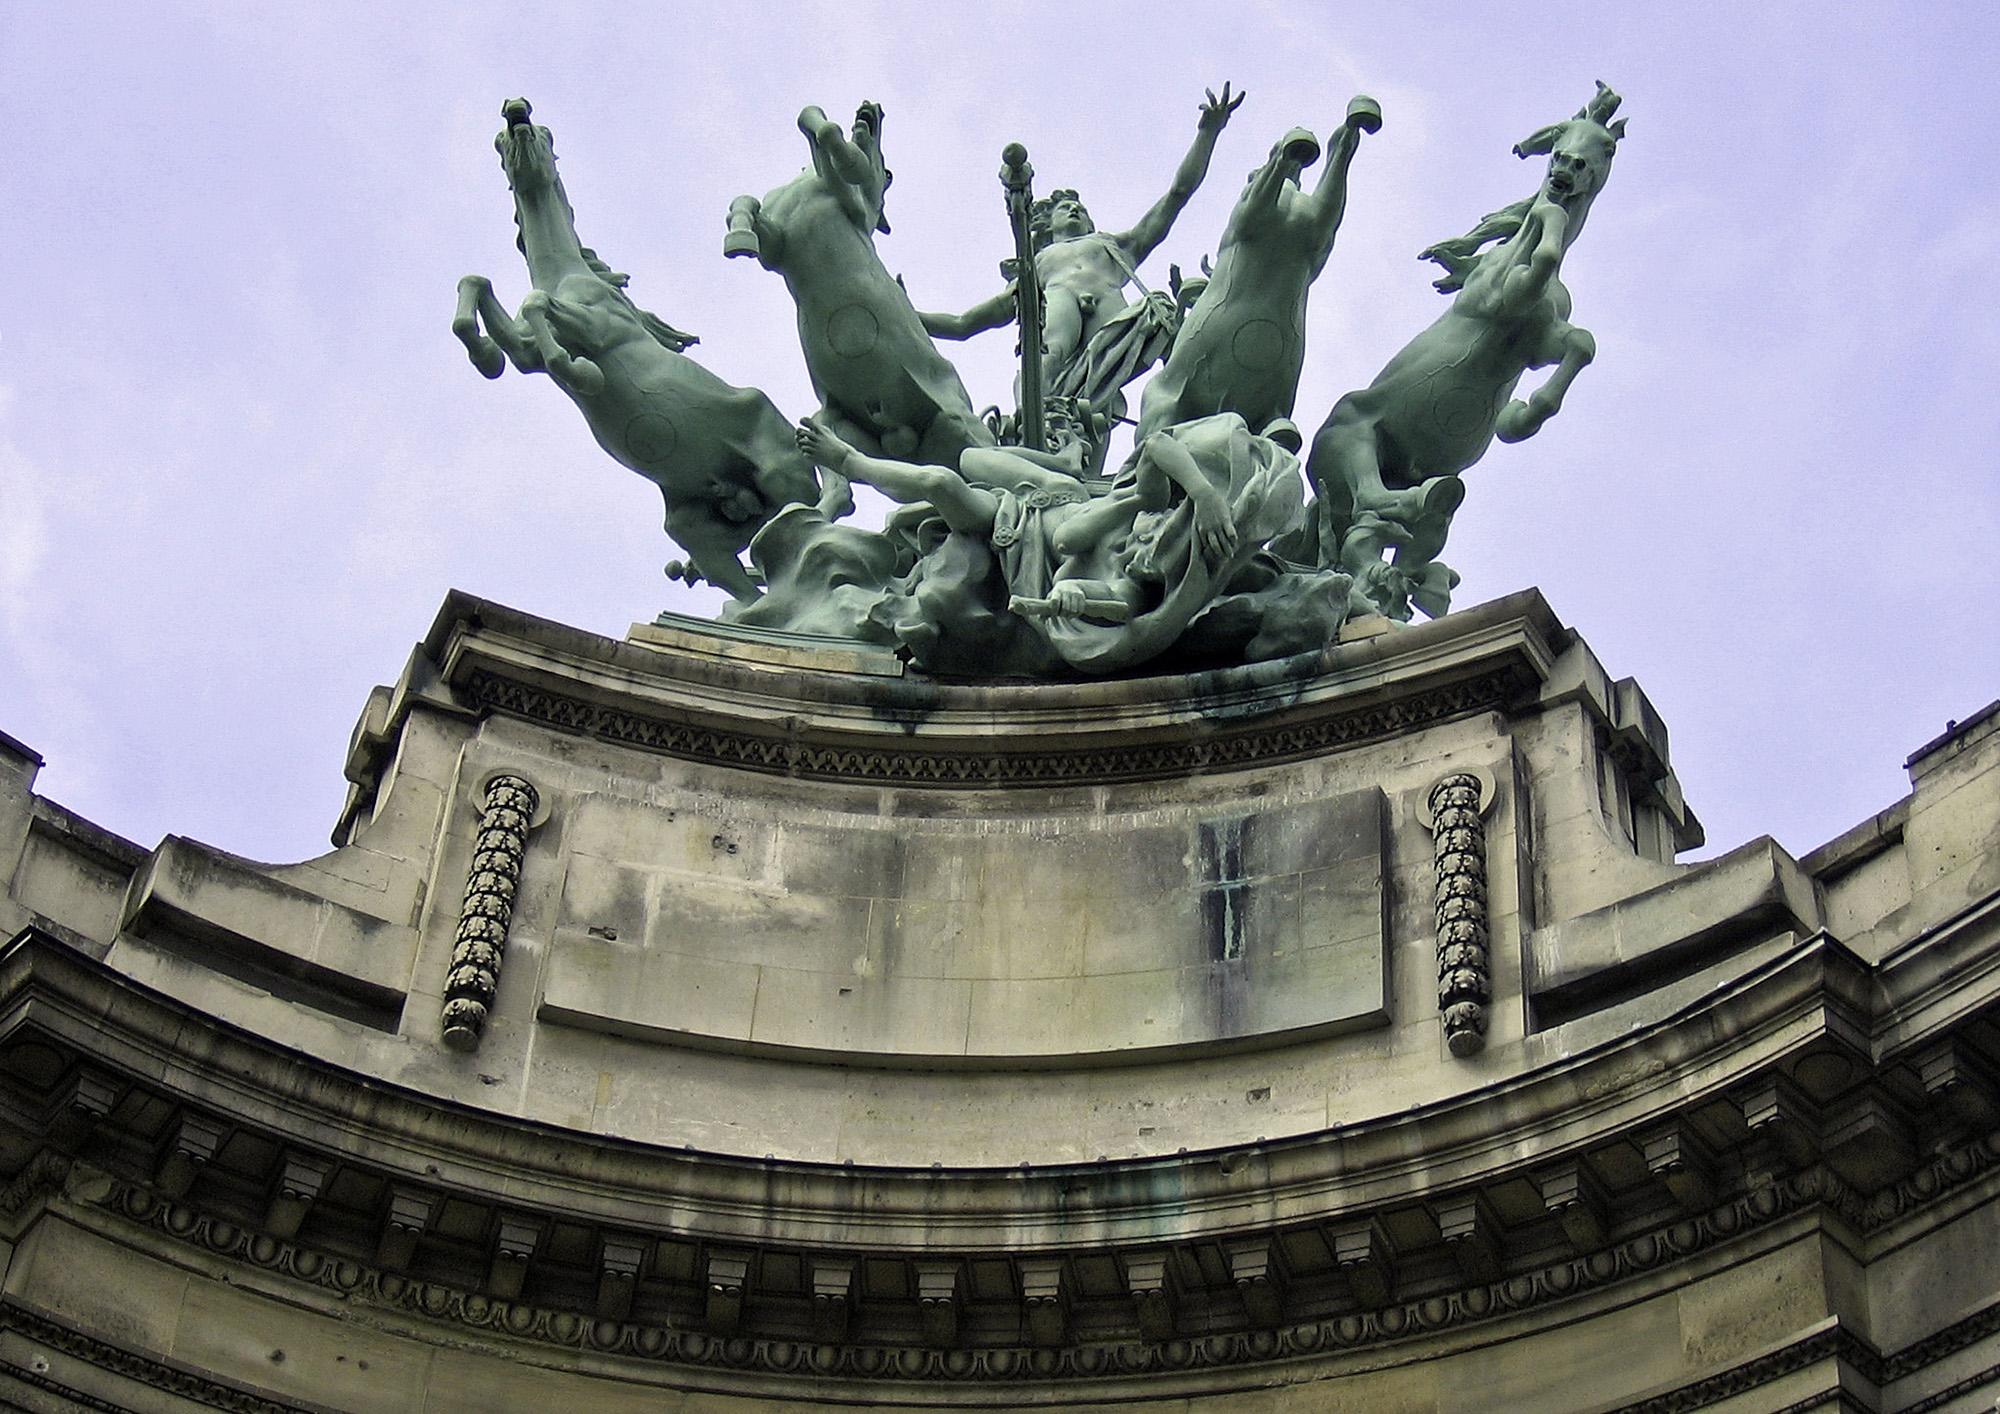 Statue at Le Grand Palais Paris